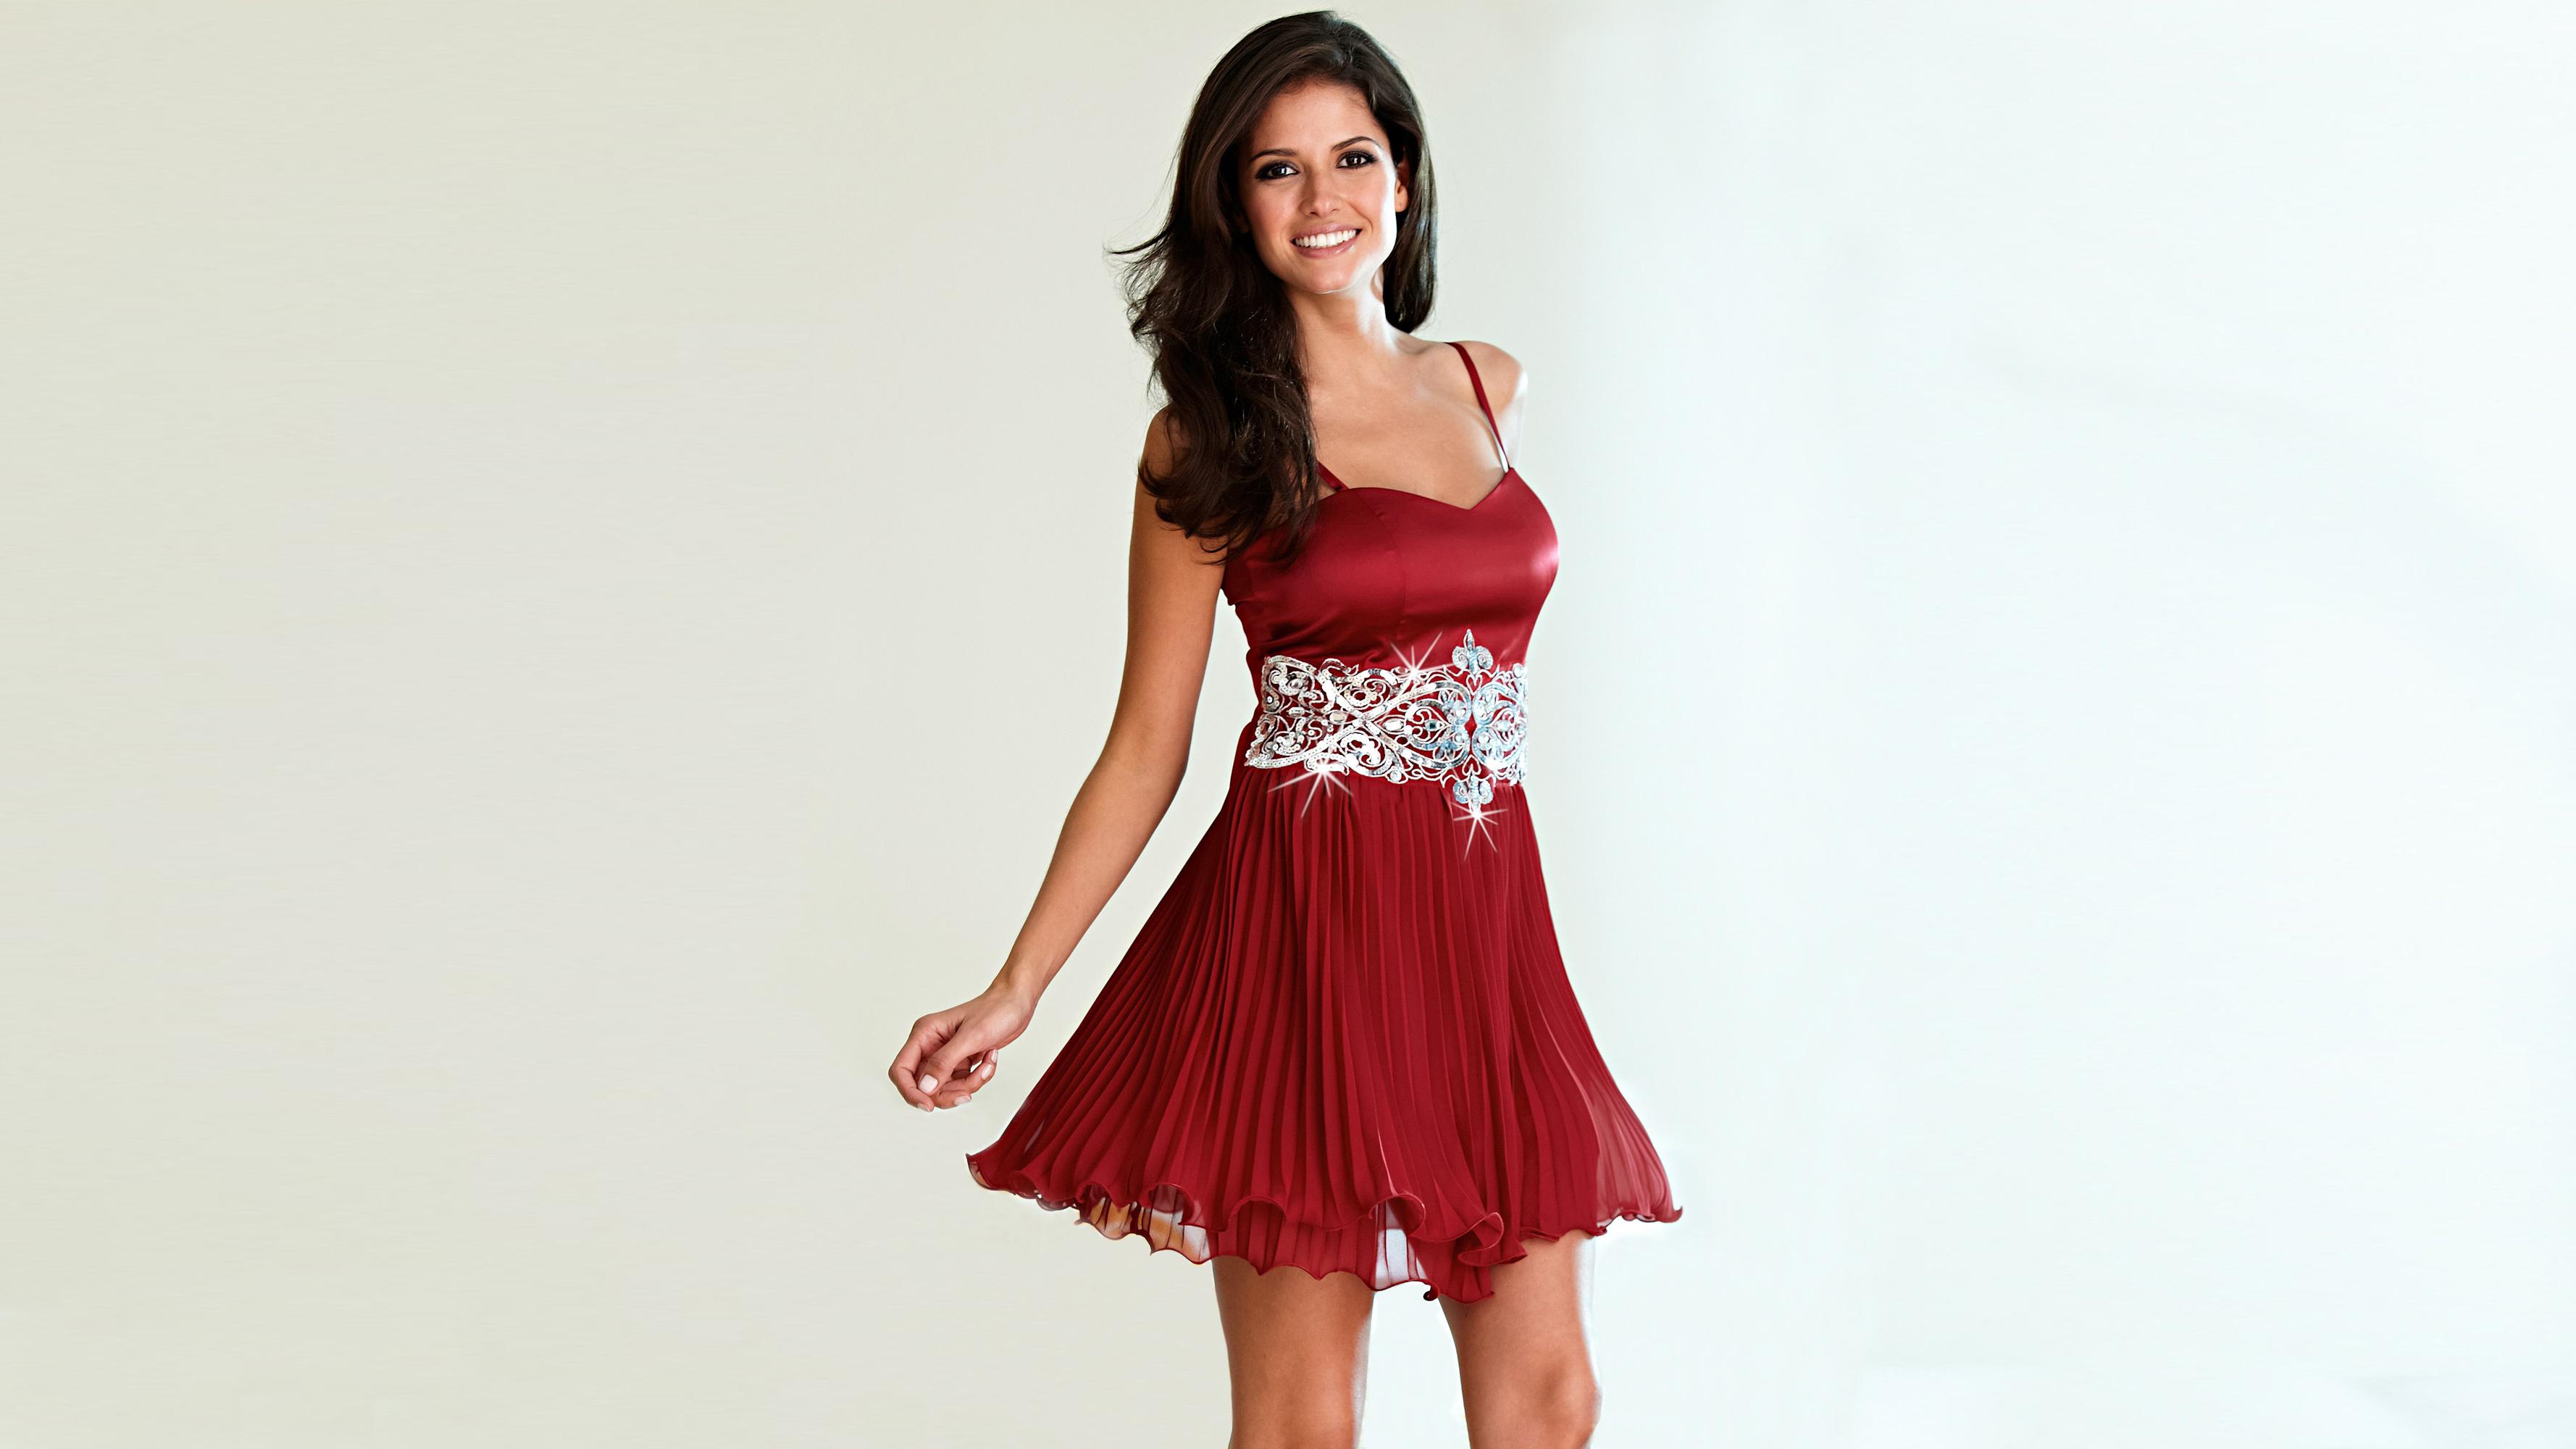 девушка брюнетка красное платье  № 366455 бесплатно